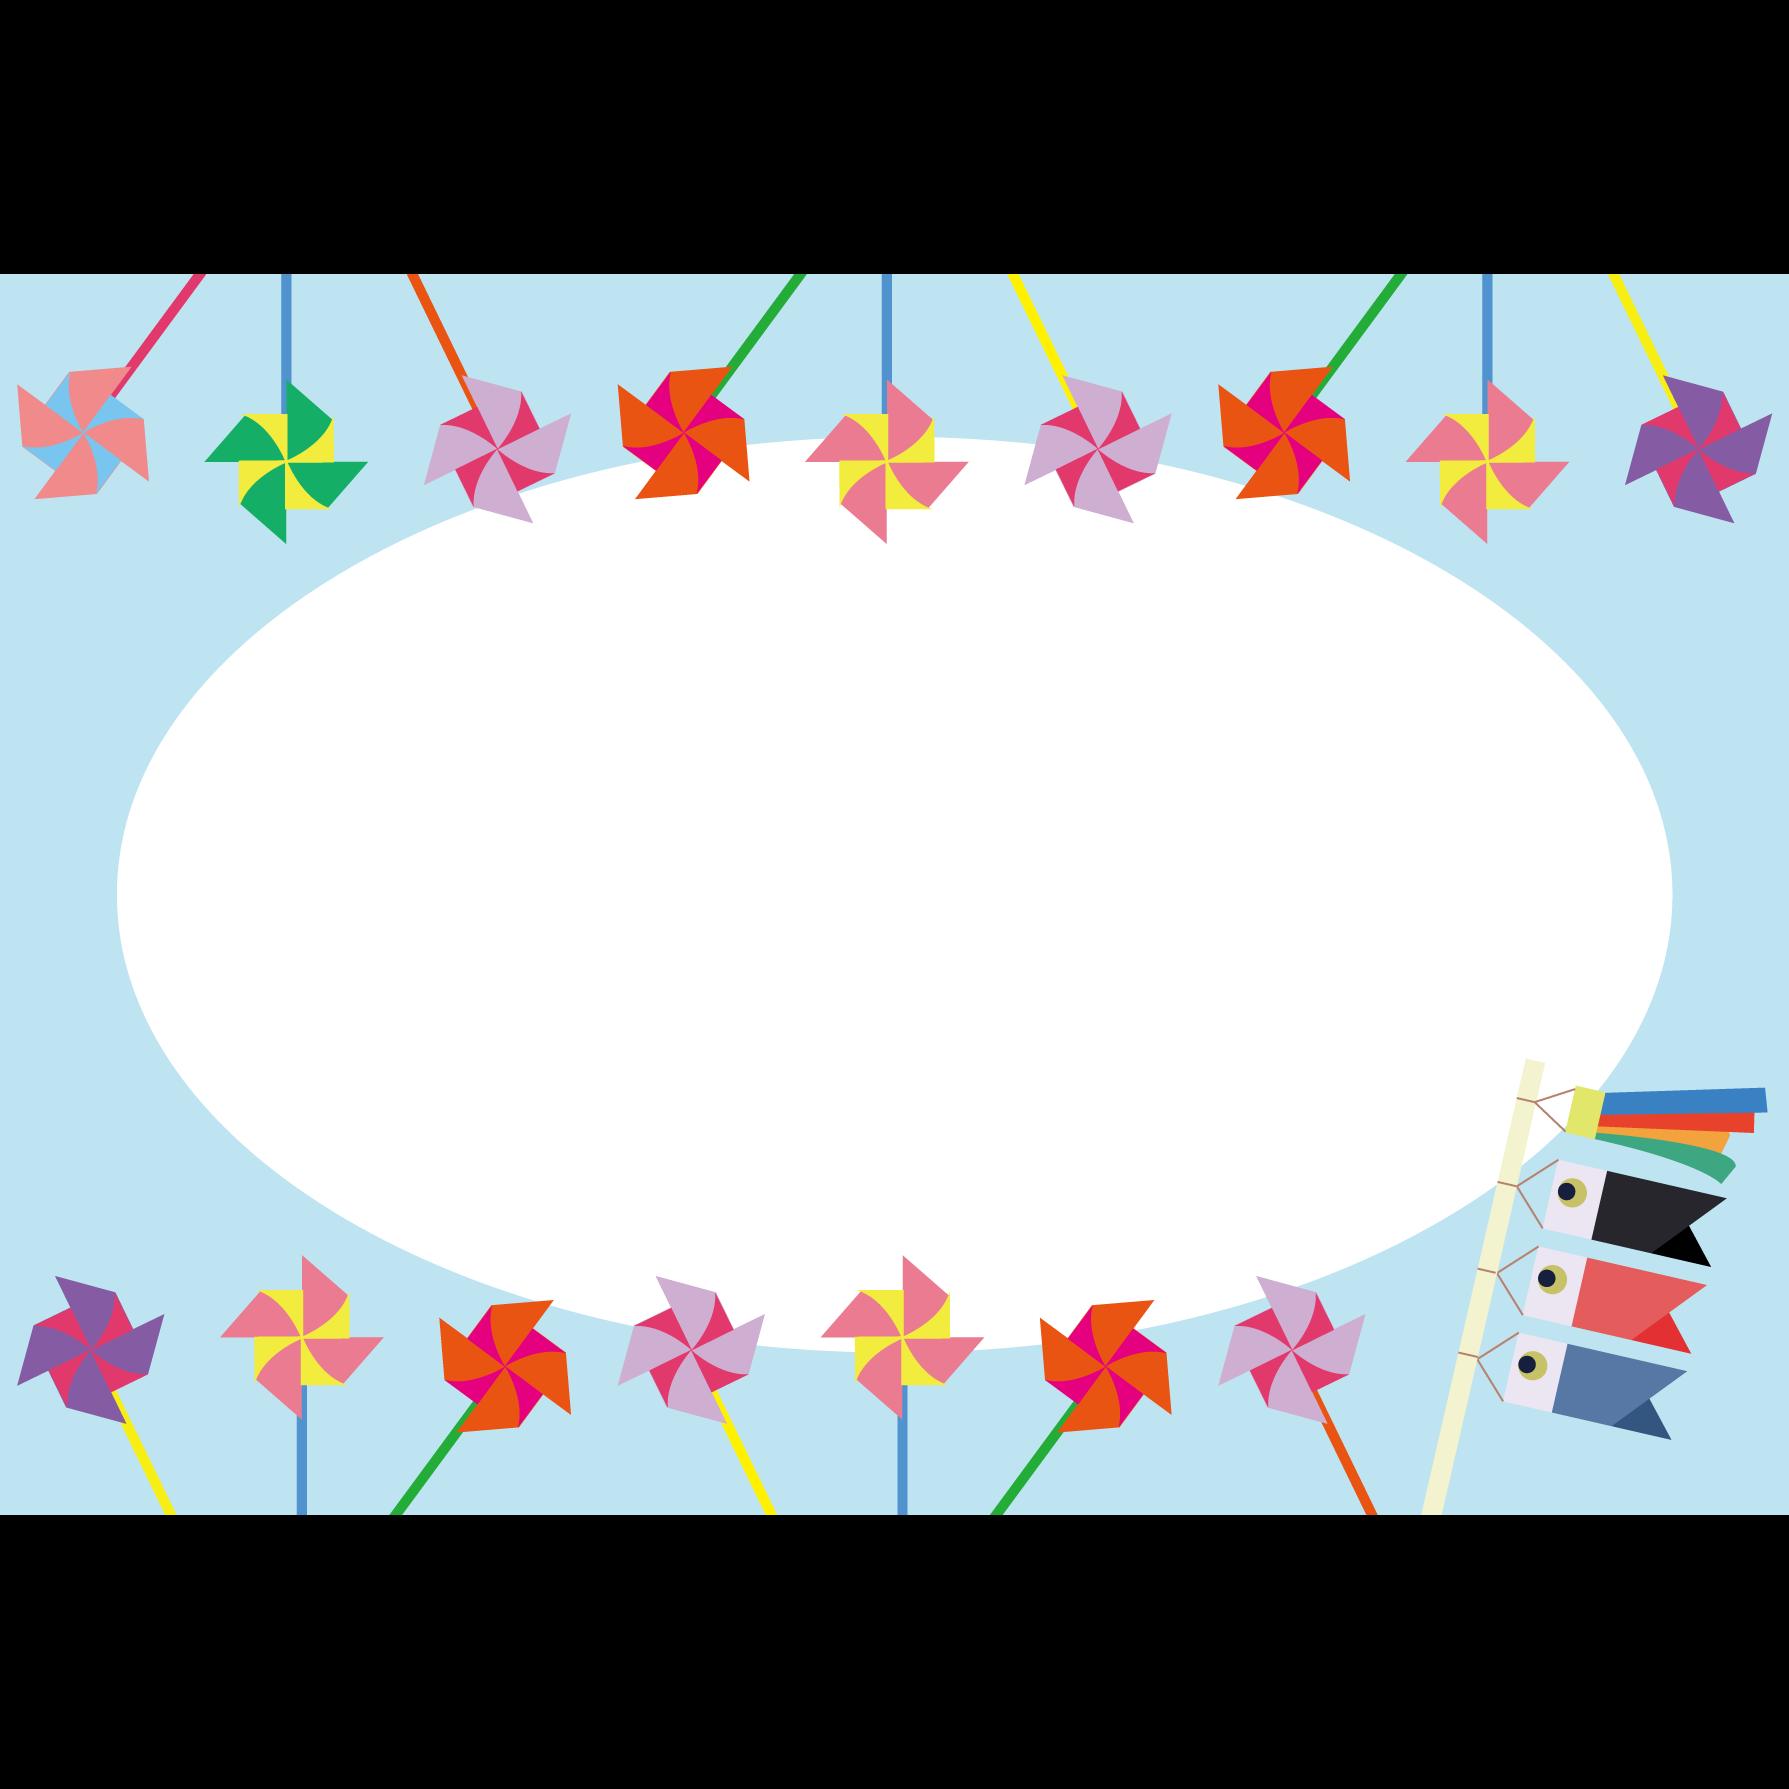 風車♪かわいい! 子供の日(こどもの日)のフレーム(枠) イラスト